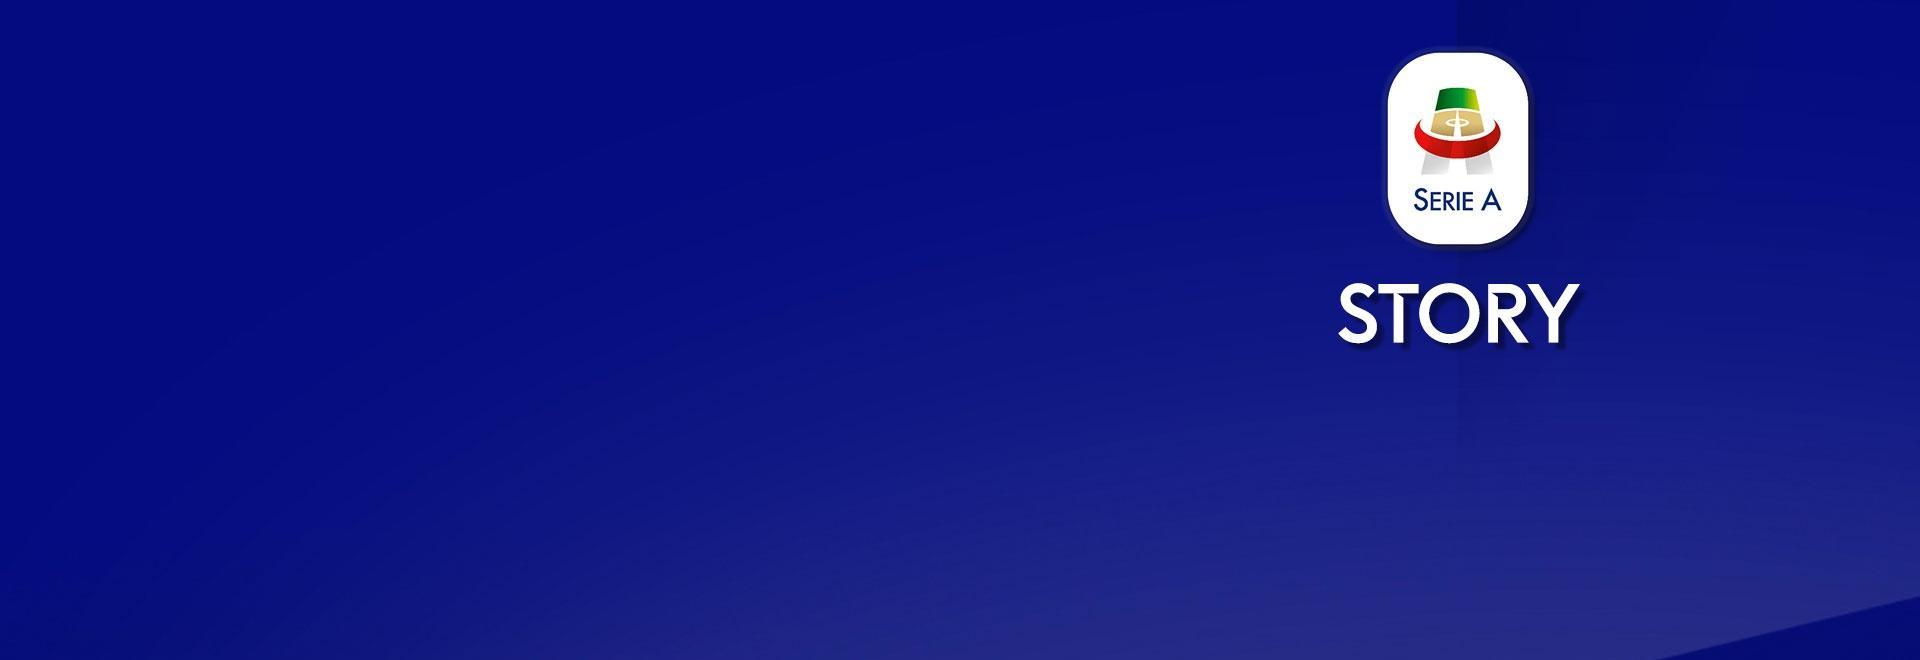 Inter - Lazio 08/05/13